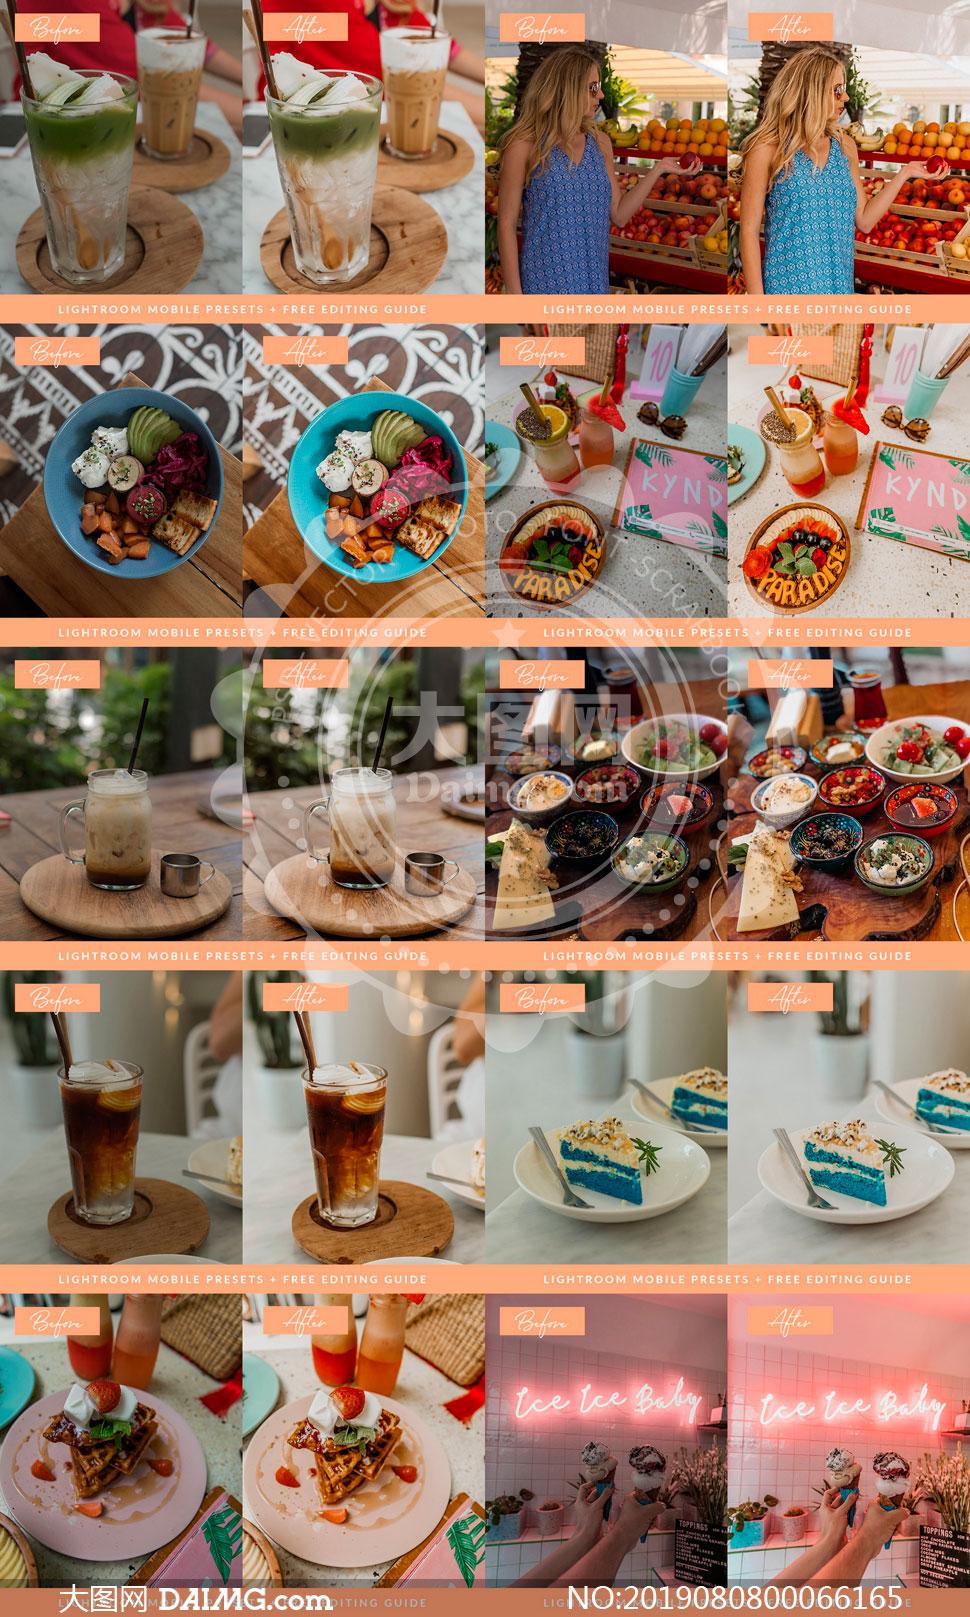 15款美食照片美化处理移动端LR预设